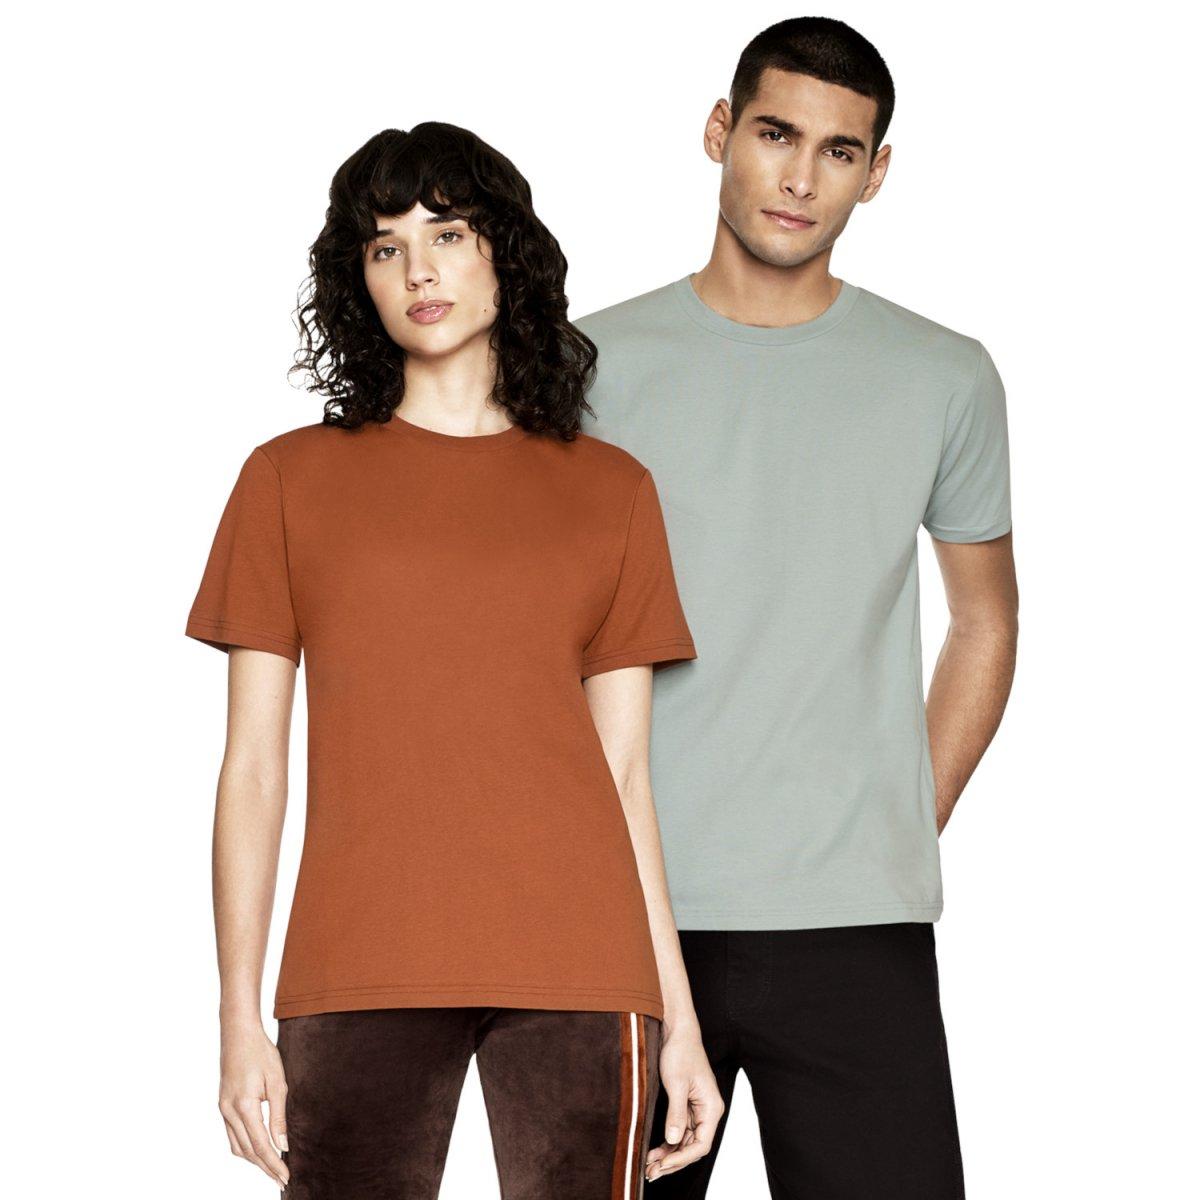 T-shirt unisex manica corta Colori Estate 2021 in puro cotone biologico